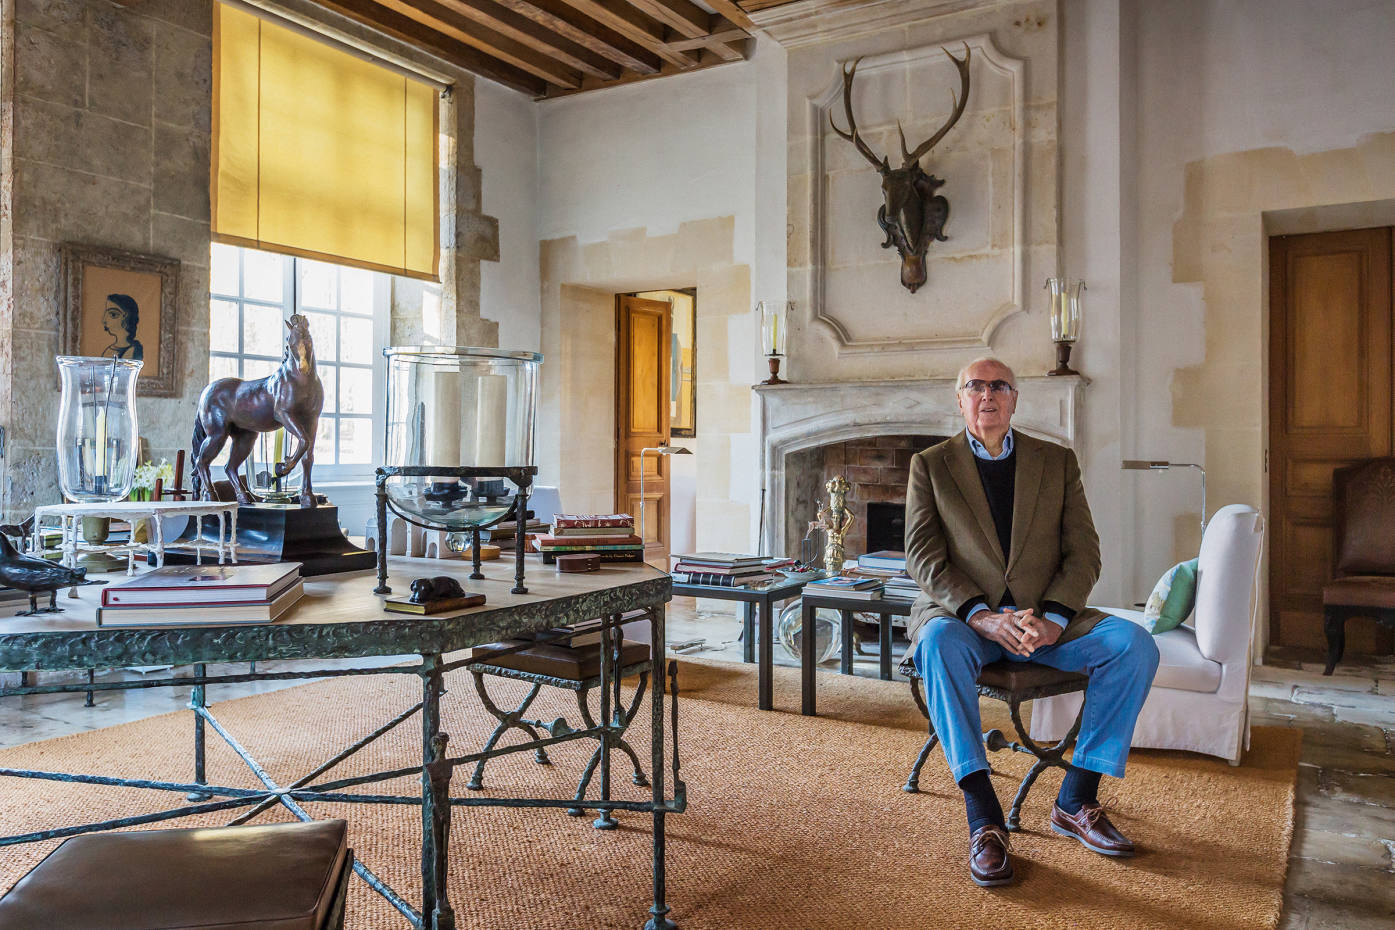 Hubert de Givenchy at the Manoir du Jonchet, his home a couple of hours south-east of Paris, with a Diego Giacometti bronze and oak Table Octogonale aux Caryatides et Atlantes, estimate £700,000-£1m, bronze and glass Paire de Photophores tealight holders (on table), £140,000-£170,000, andbronze and leather Ensemble de Quatre Tabourets en X Troisième Version stools, £270,000-£430,000